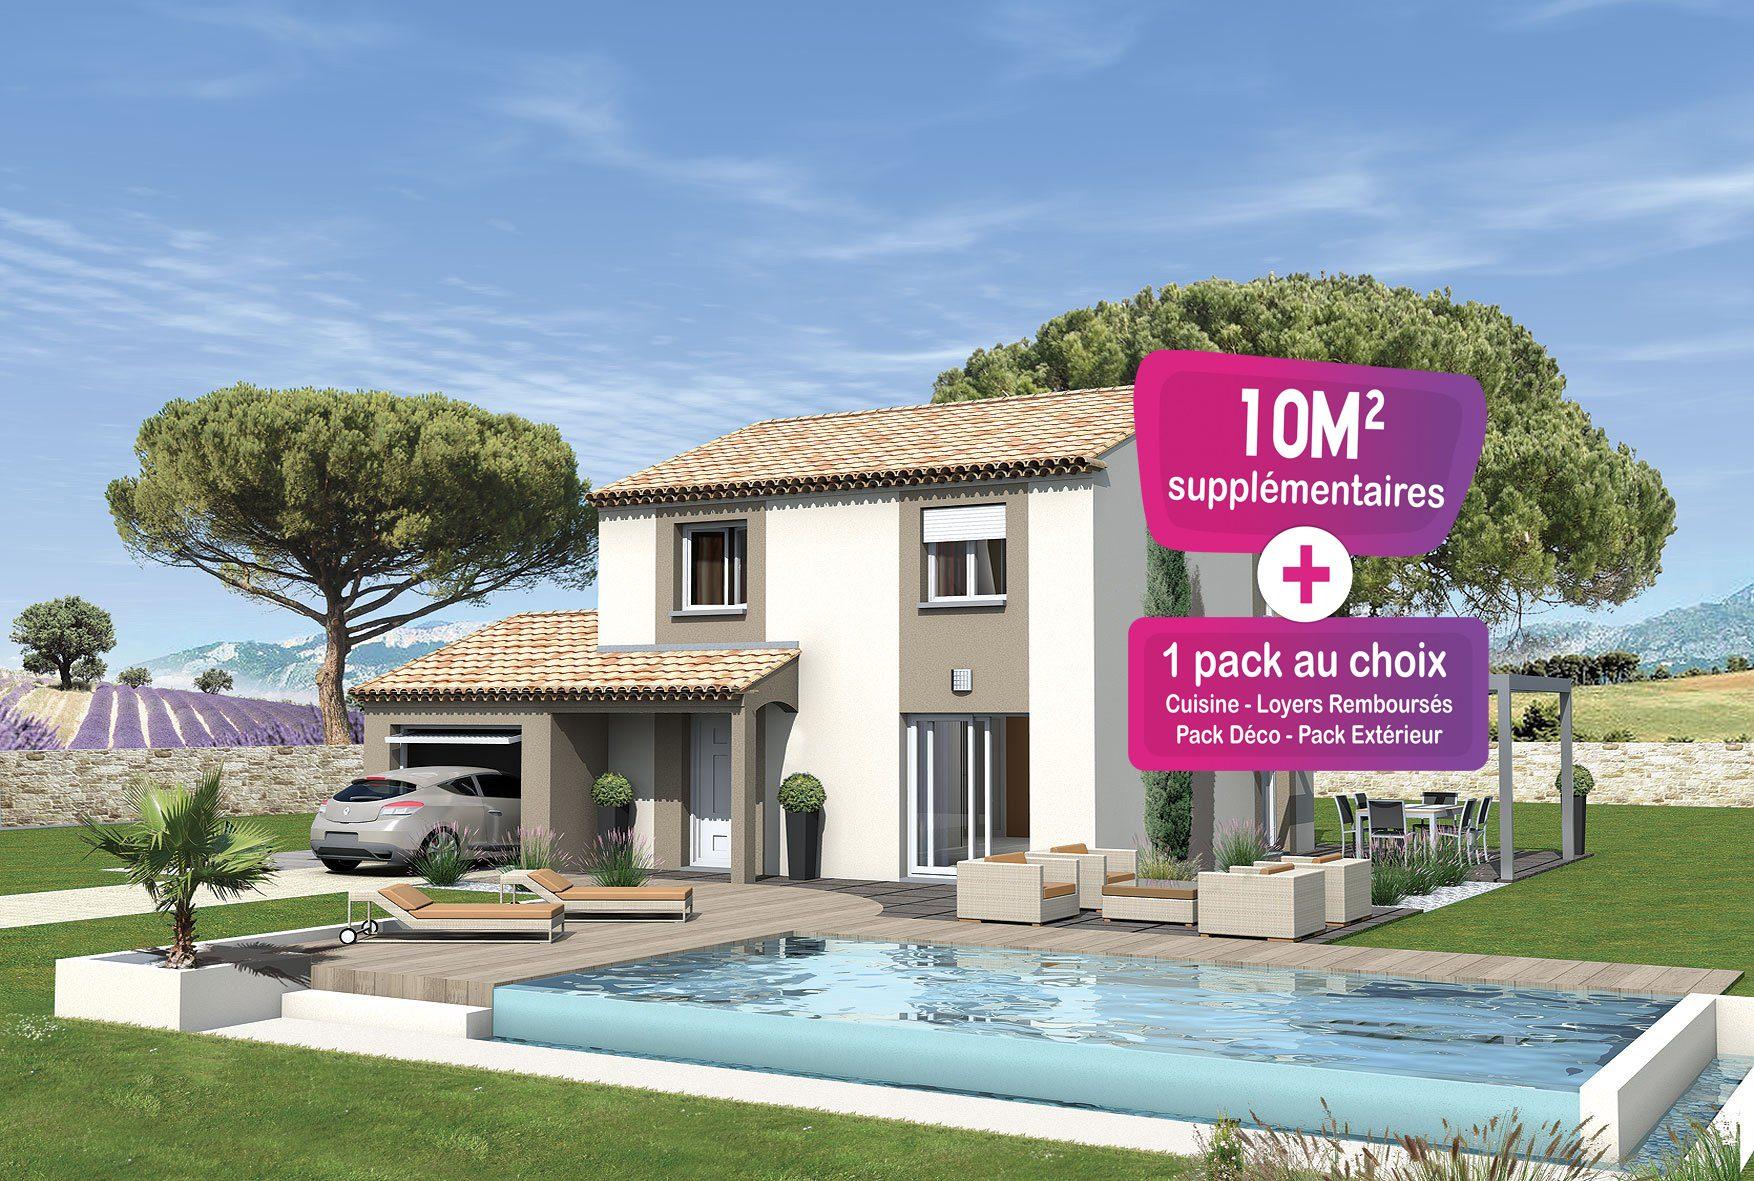 Maisons + Terrains du constructeur MAISONS PUNCH • 94 m² • SAINT PAUL TROIS CHATEAUX